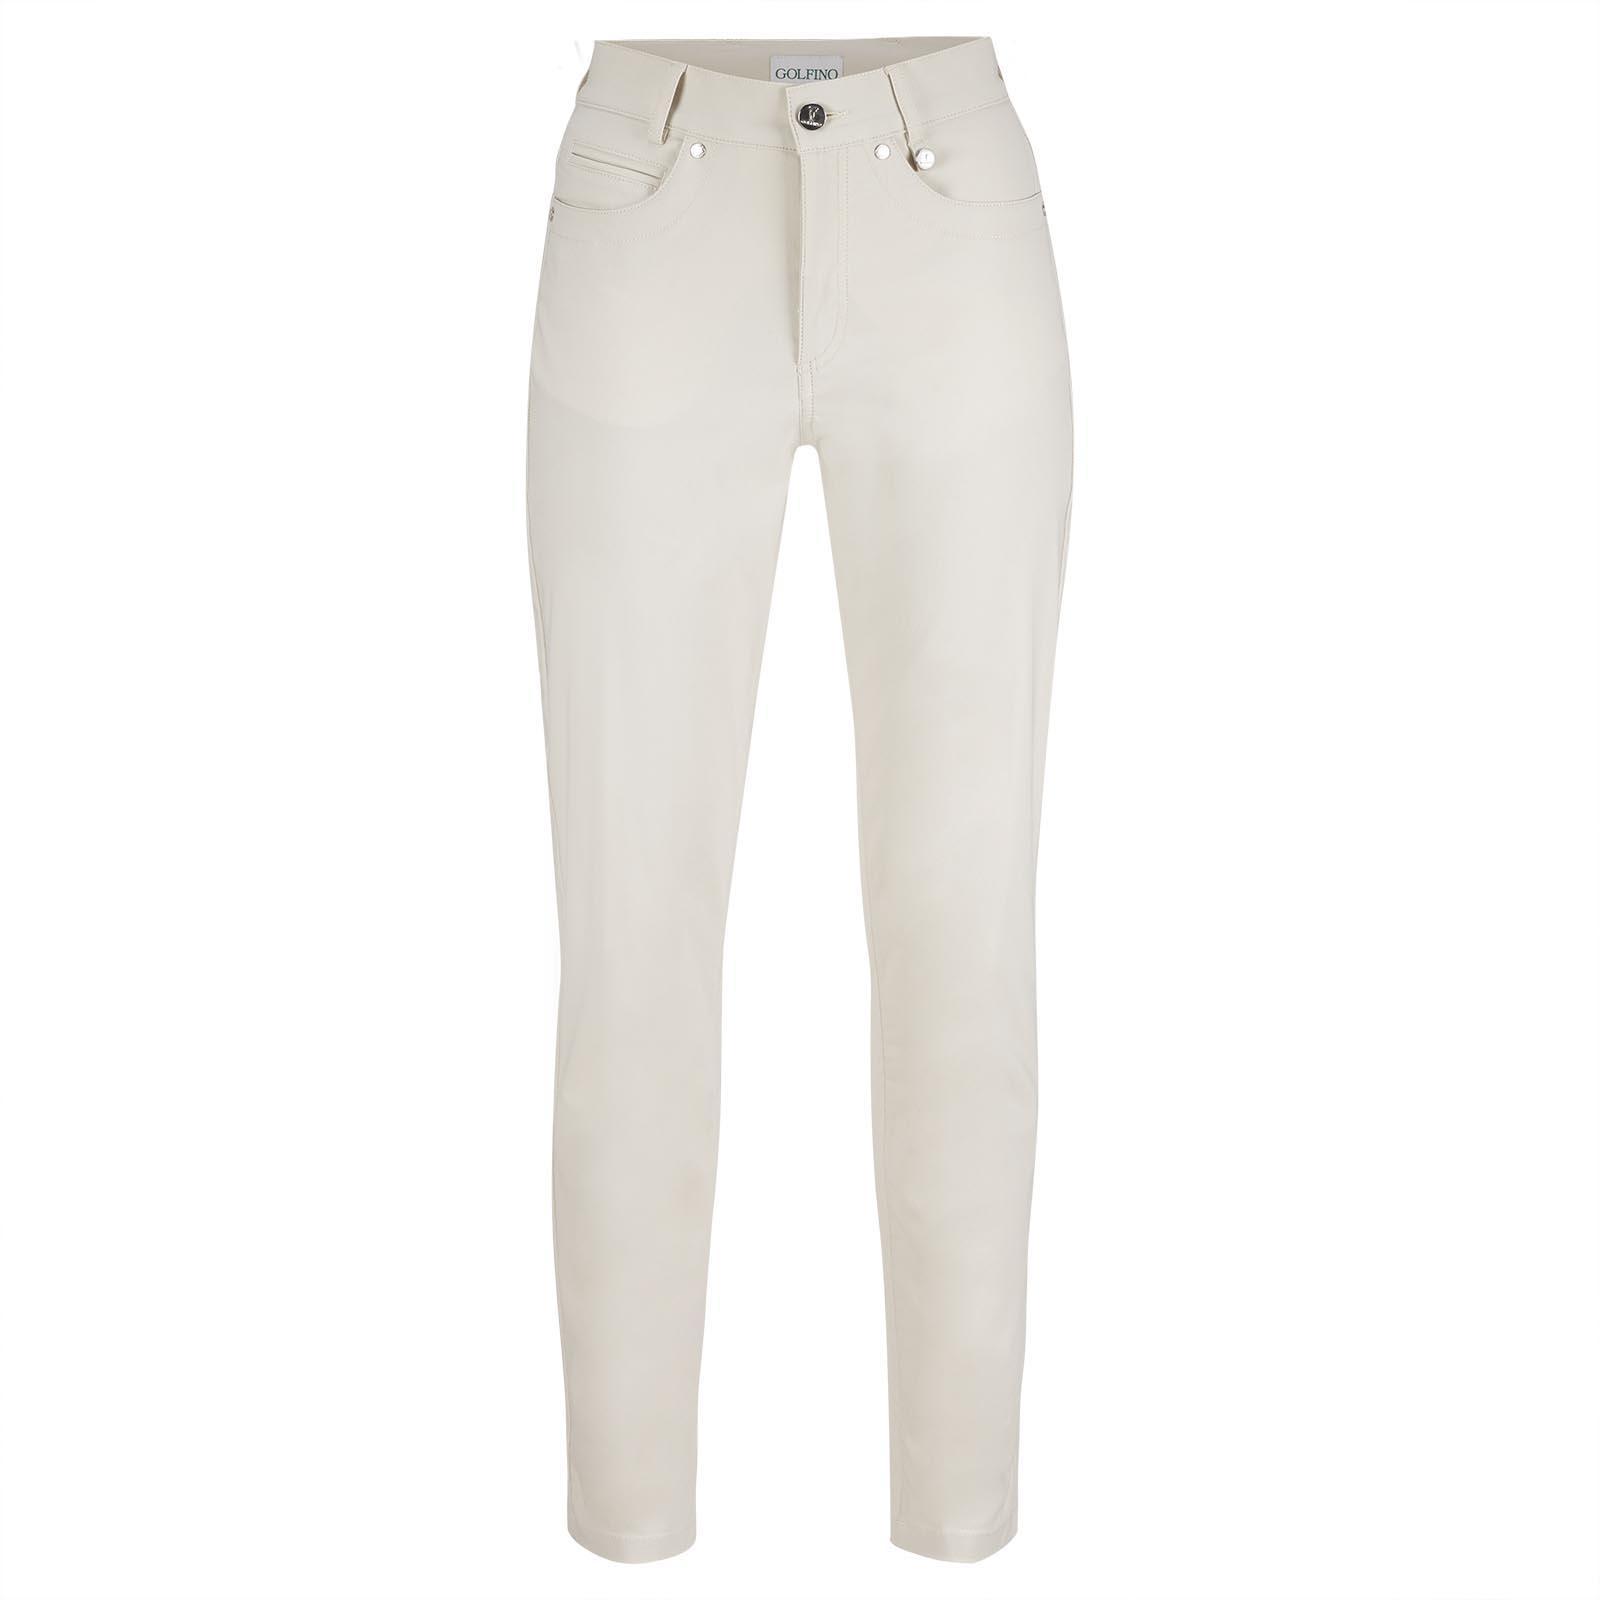 Pantalón de mujer de 7/8 con diseño de 5 bolsillos de tejido elástico con protección solar